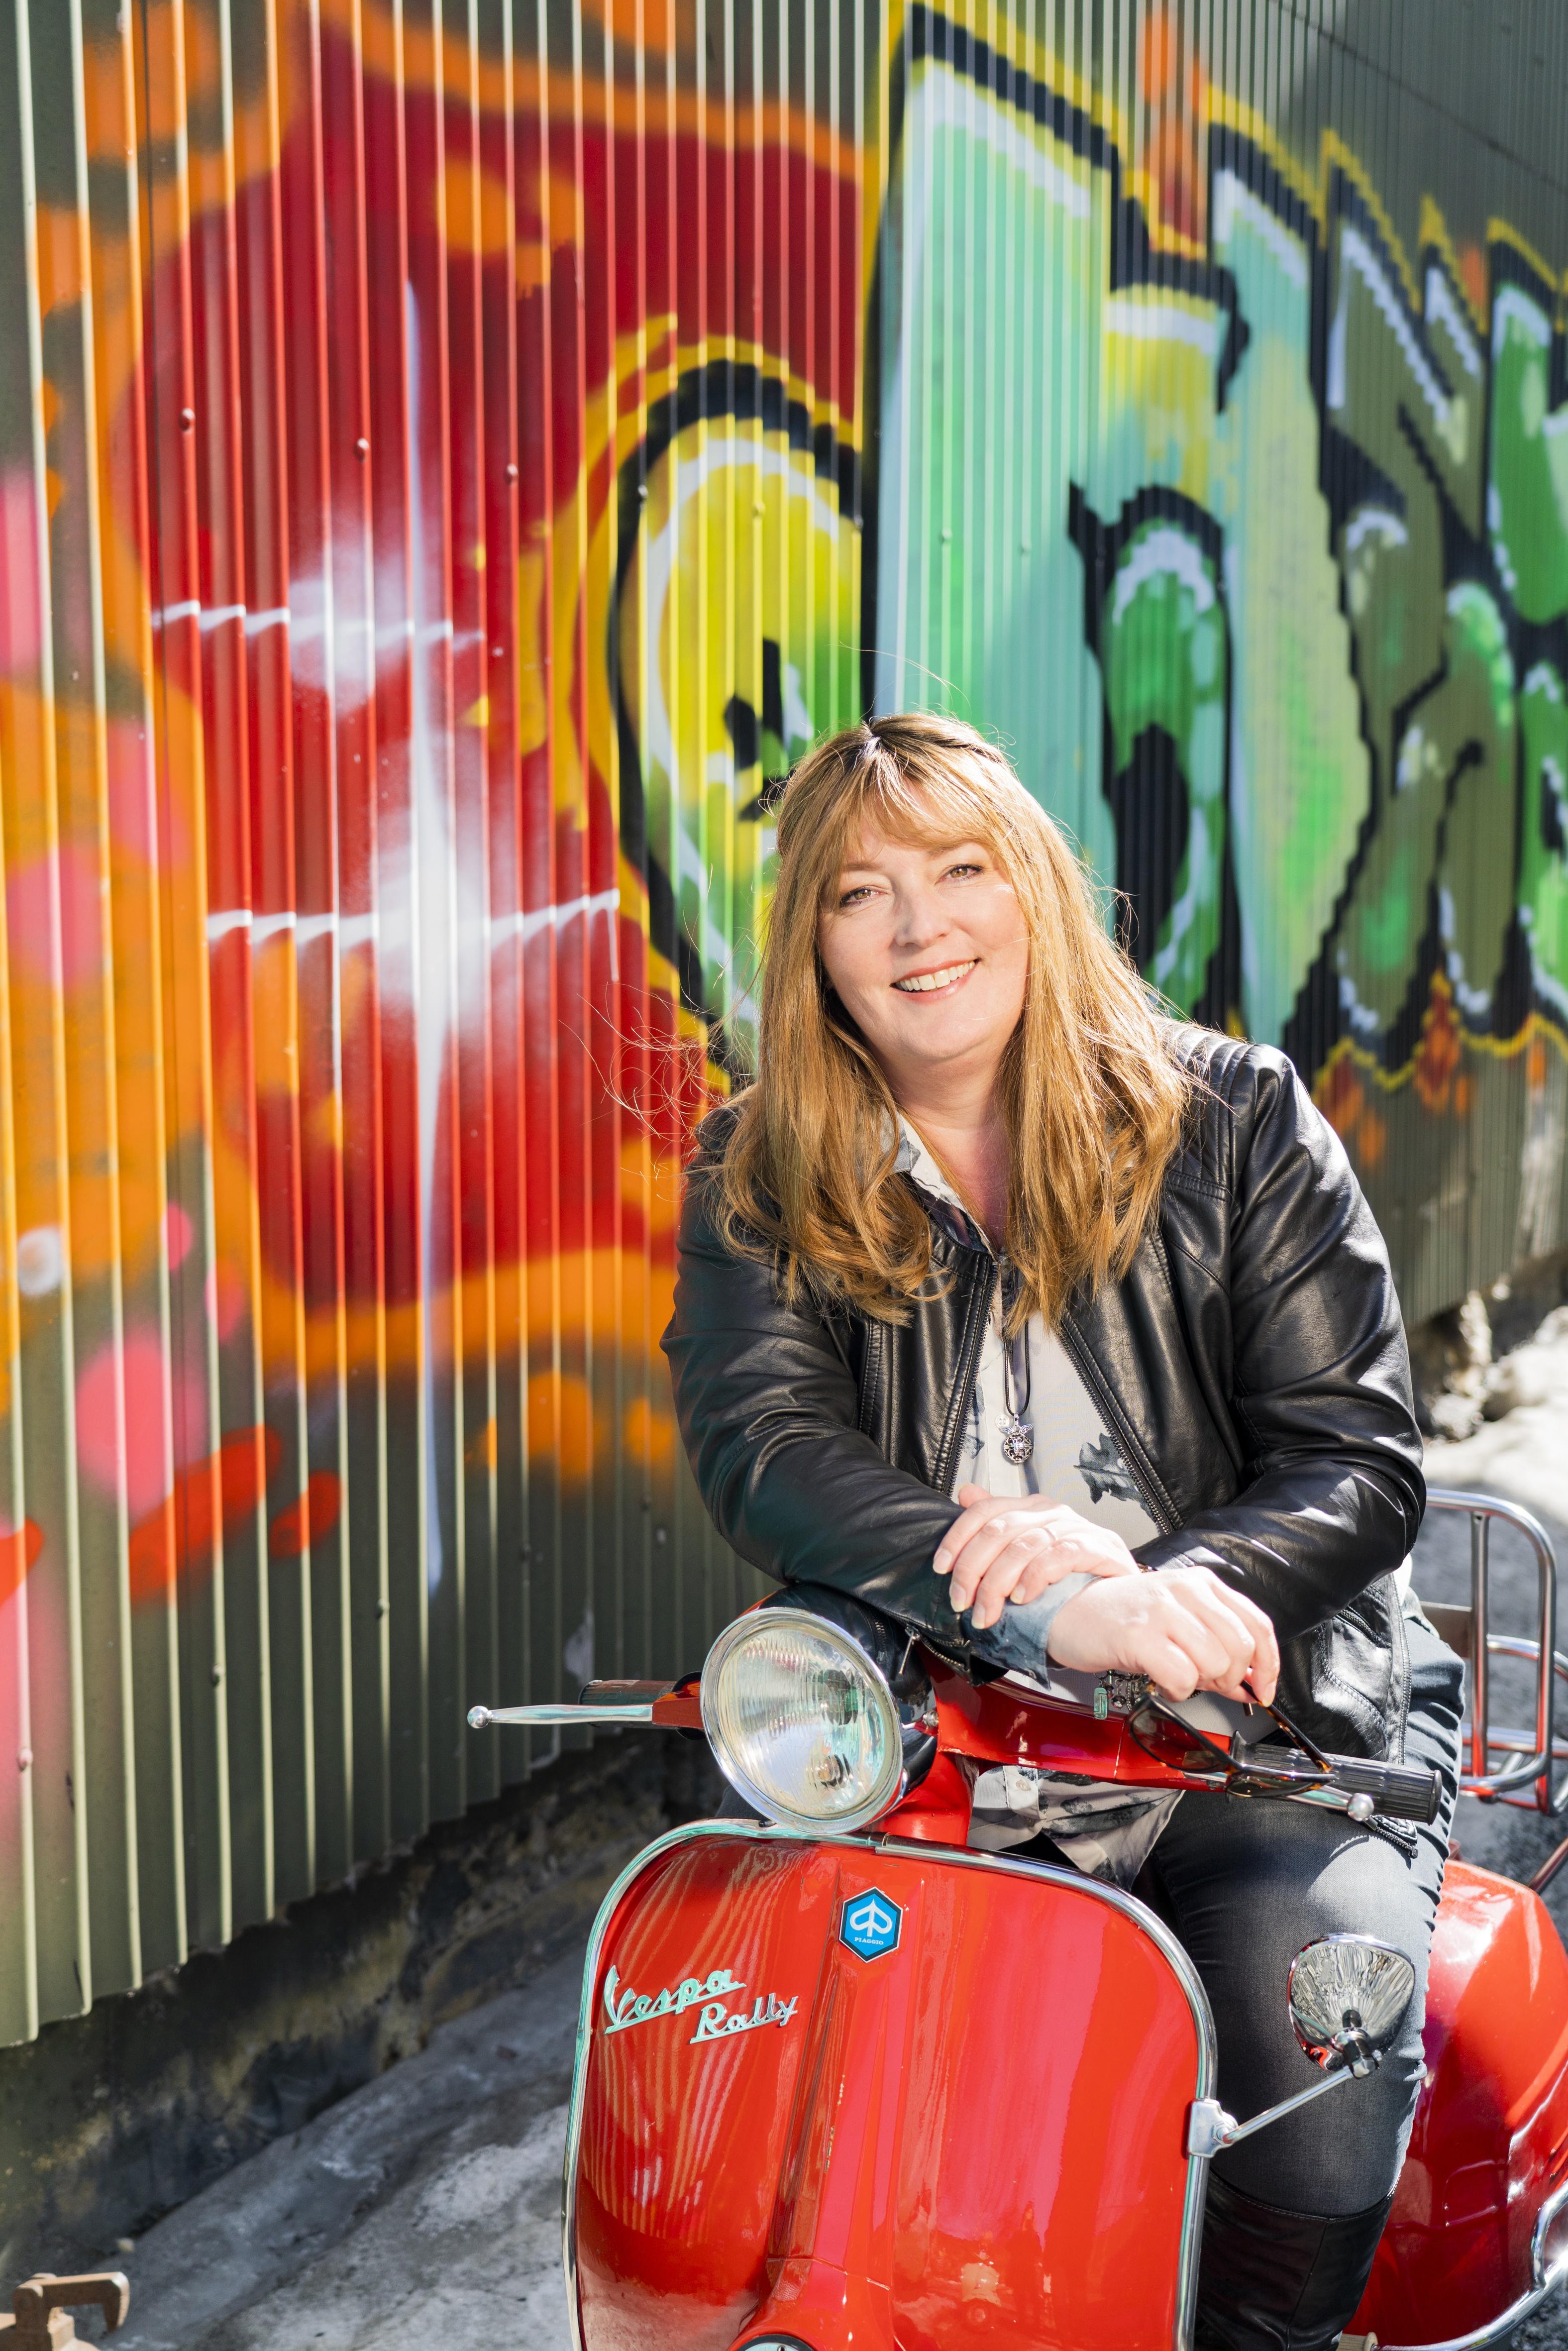 kvinne med flott hår som sitter på rød scooter